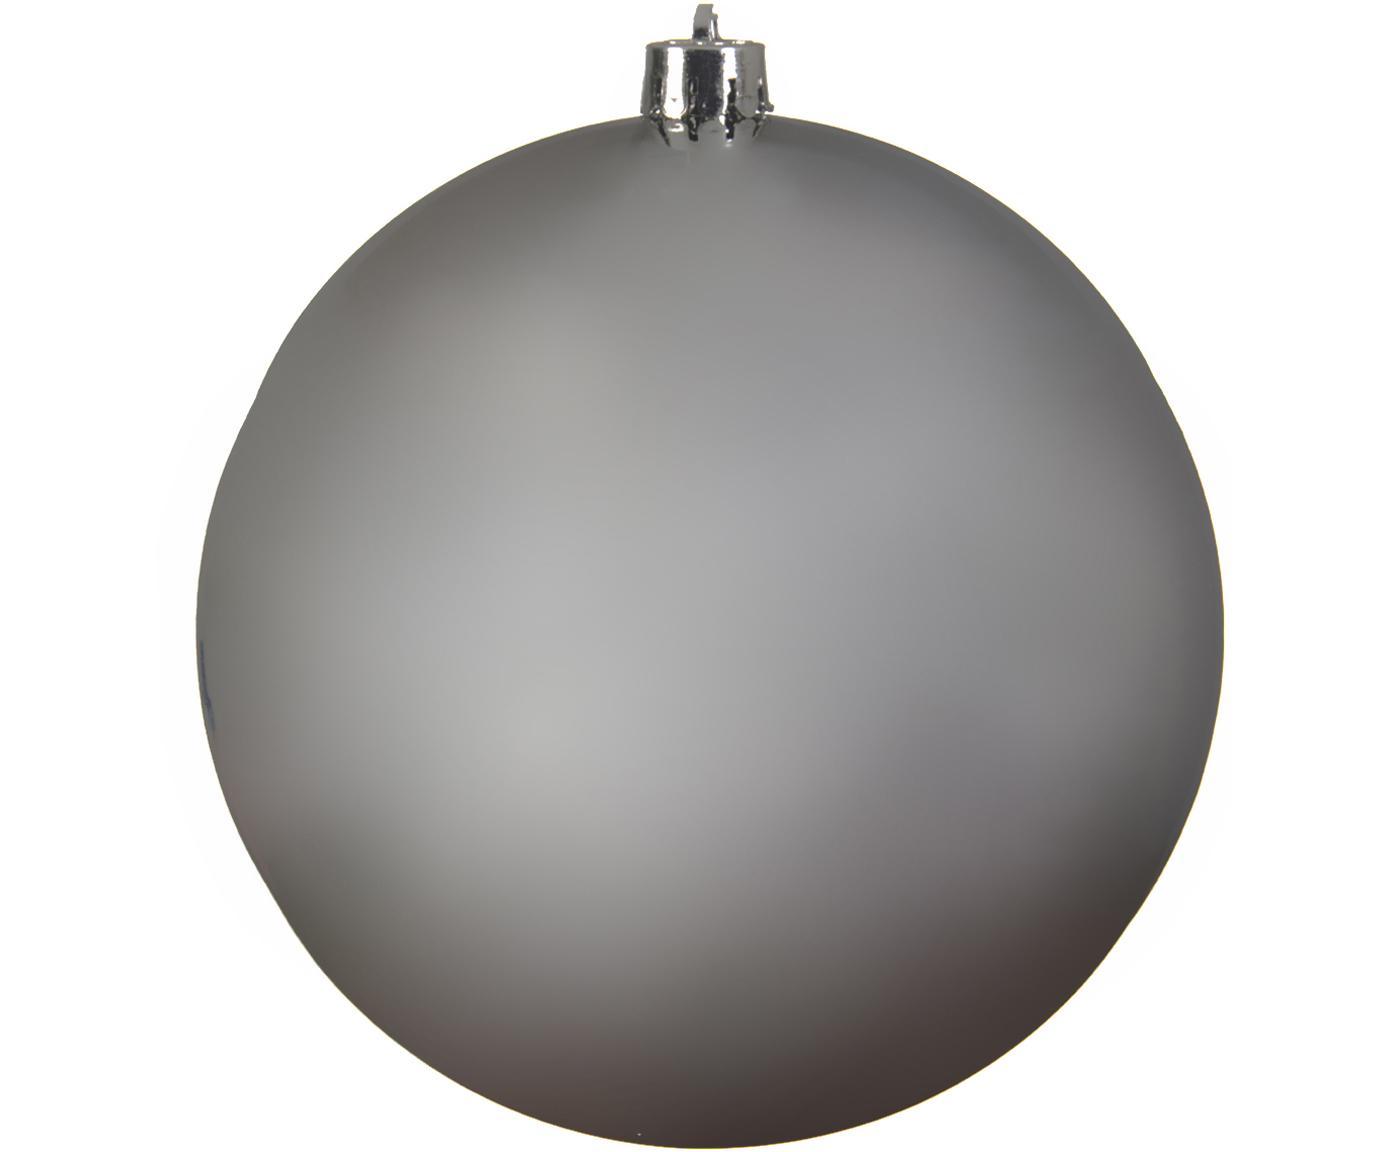 Palla di Natale Minstix, Materiale sintetico, Argentato, Ø 20 cm